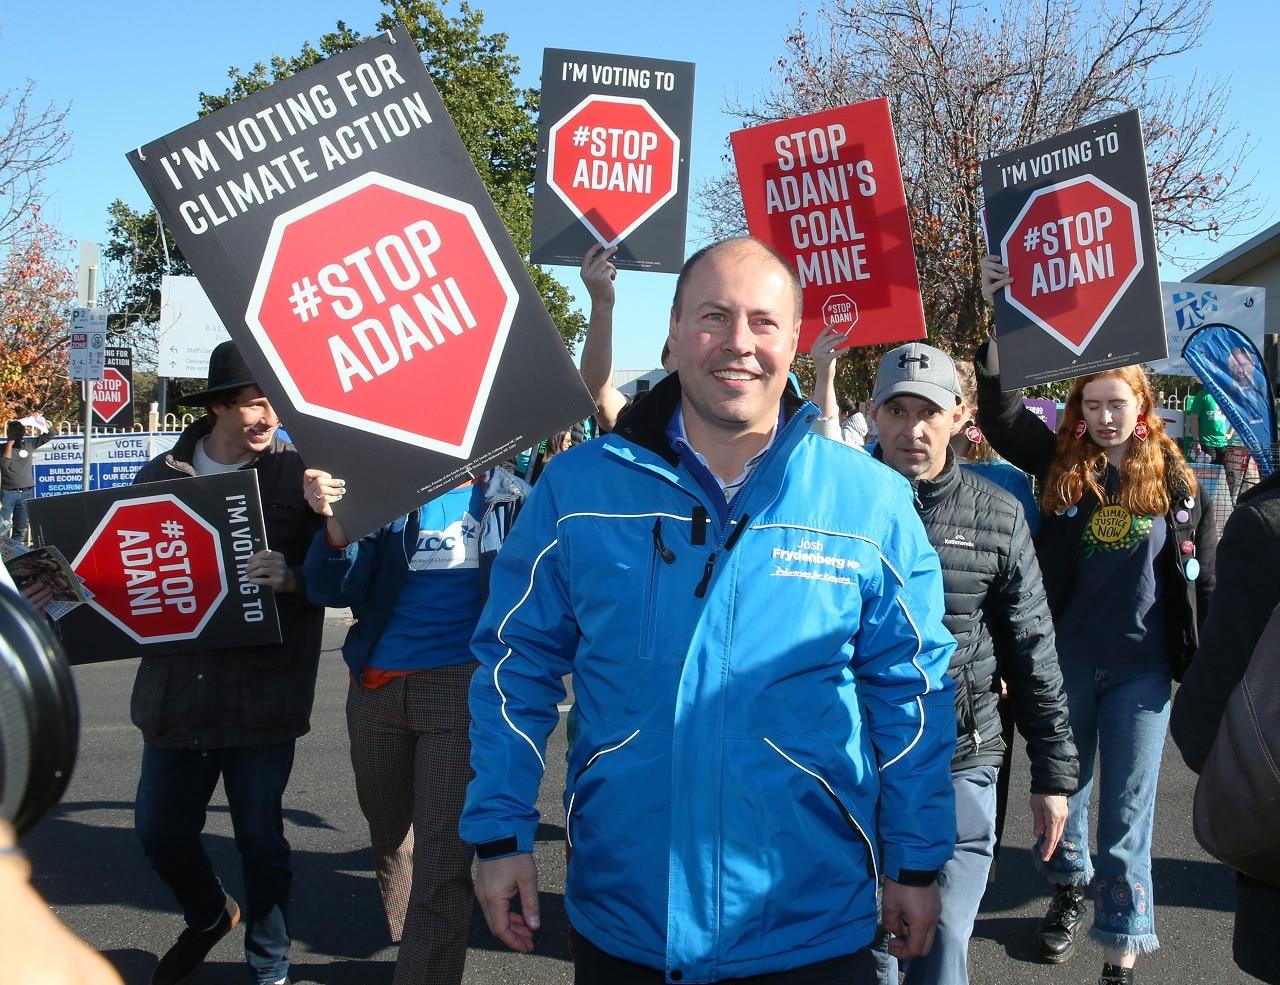 Treasurer Josh Frydenberg is followed by anti Adani protesters.